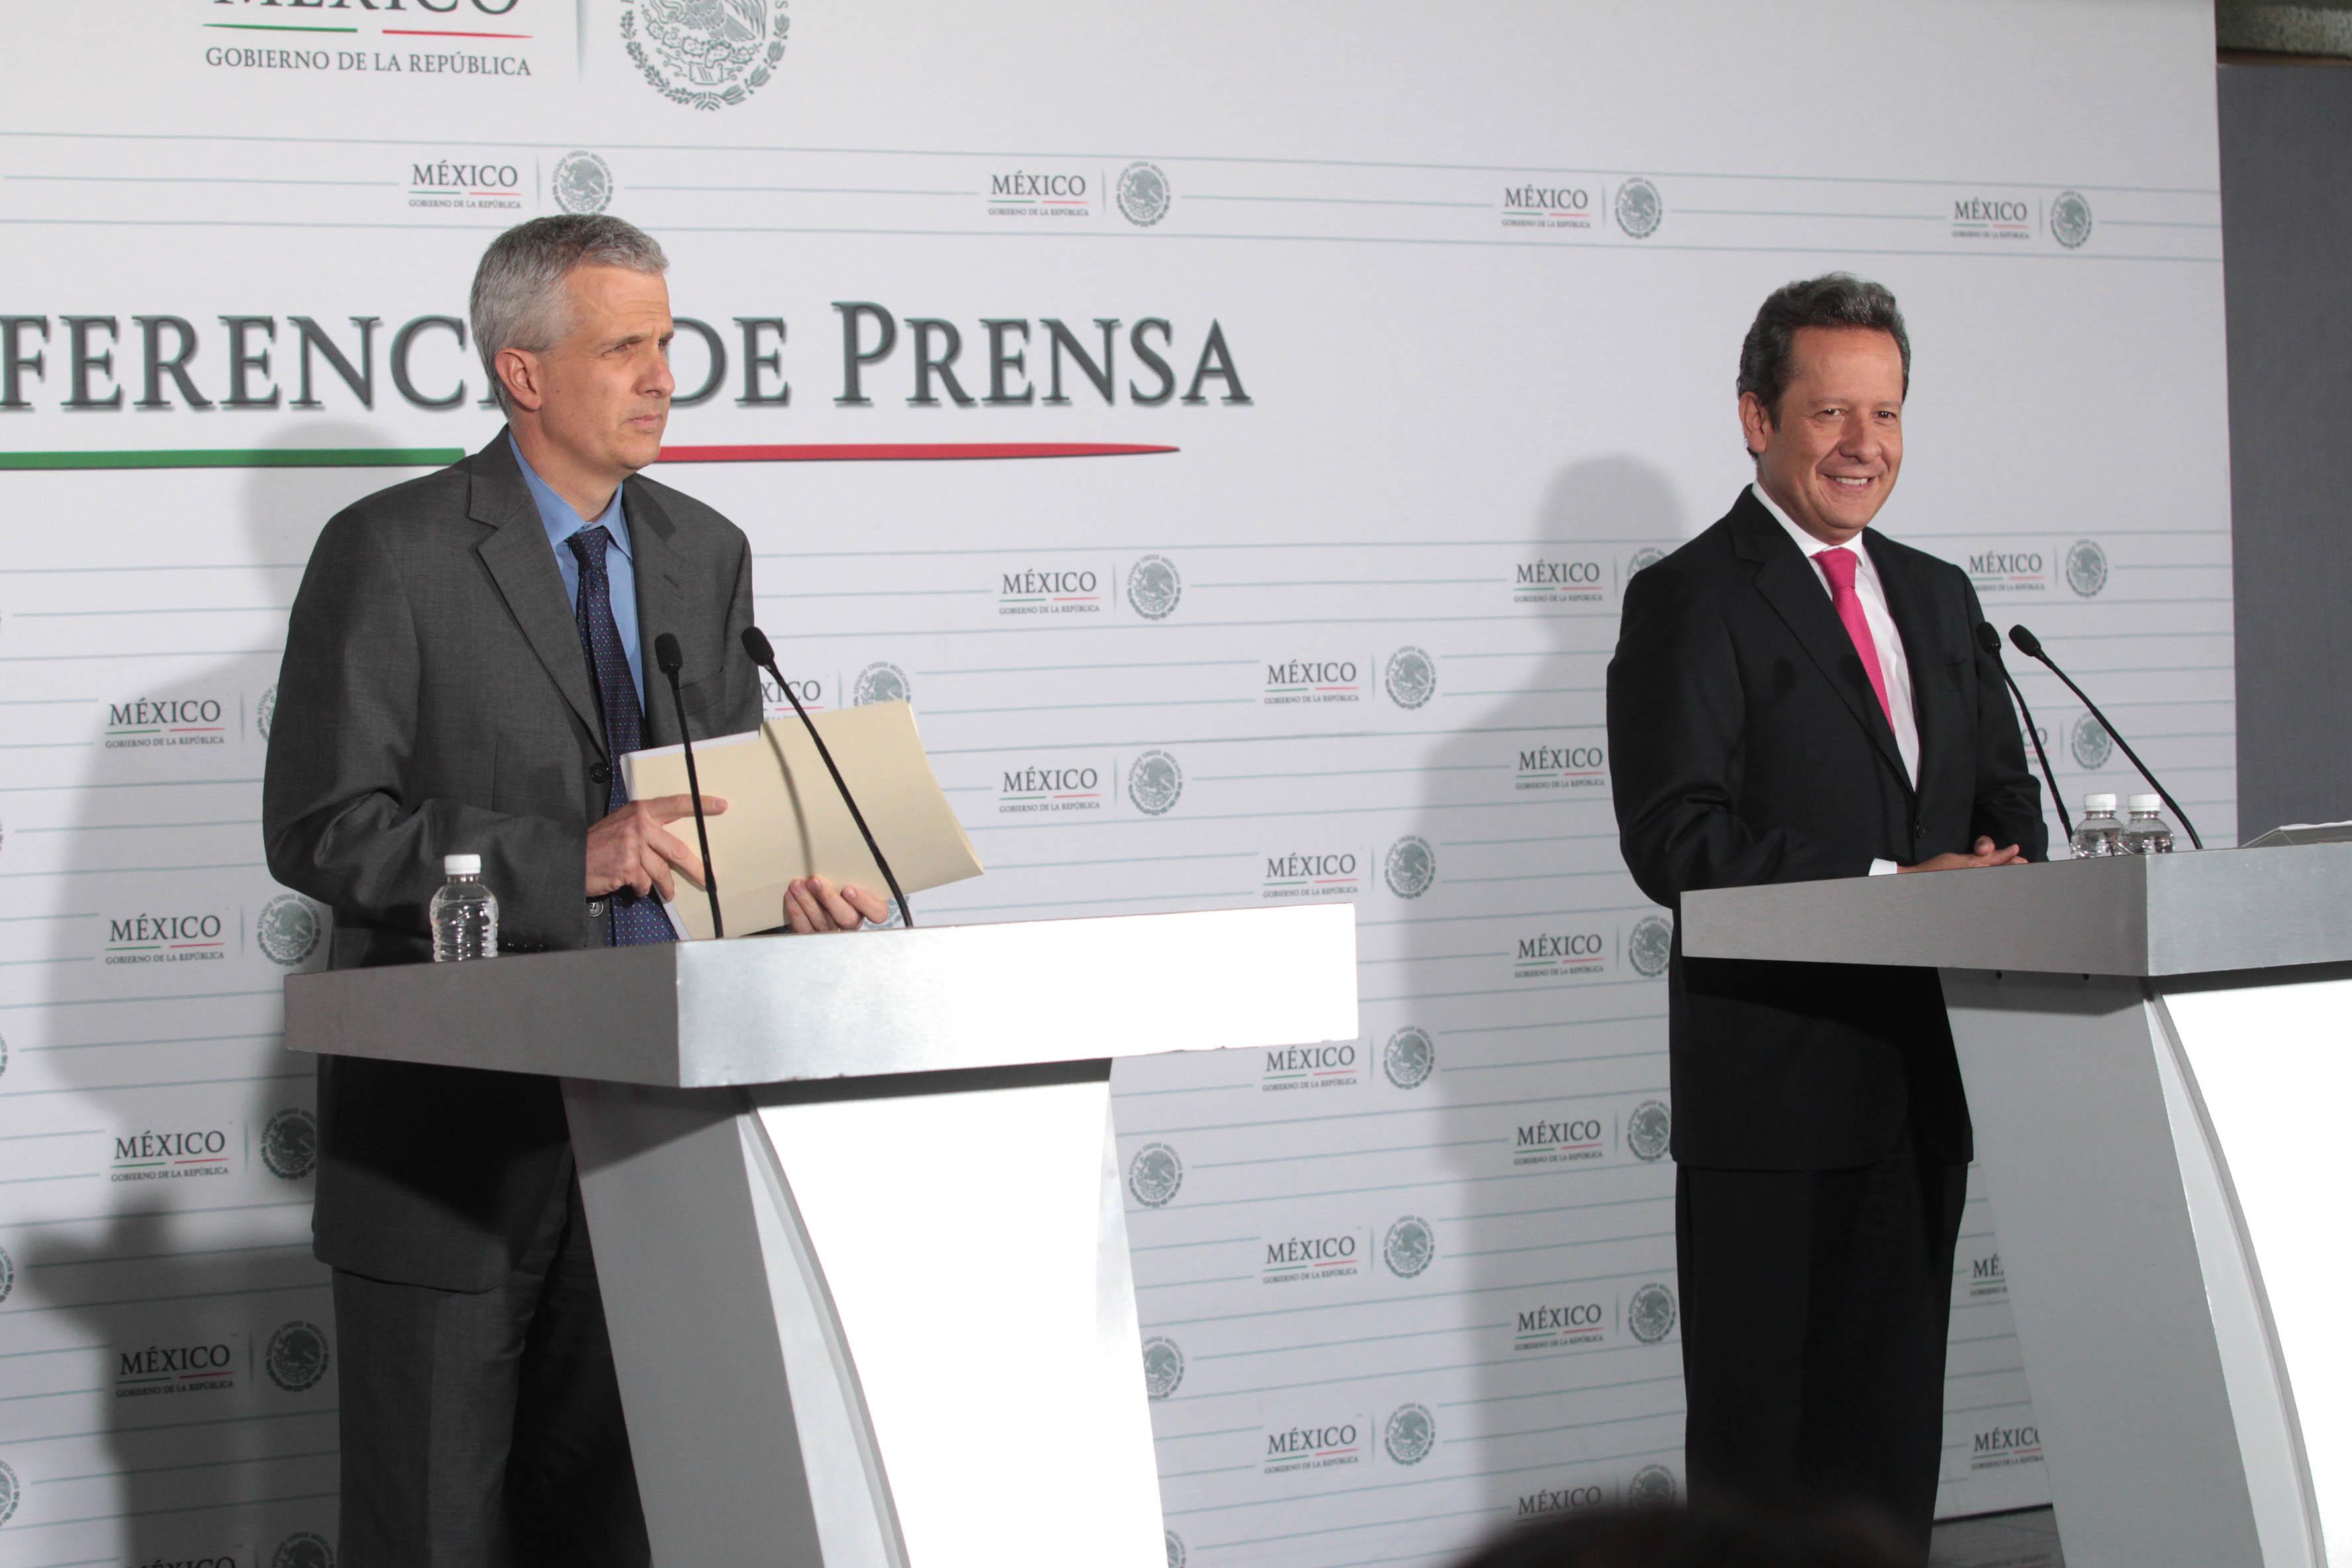 FOTO 1 El vocero Eduardo S nchez con Carlos P rez Verd a  coordinador de Asesores de la SREjpg